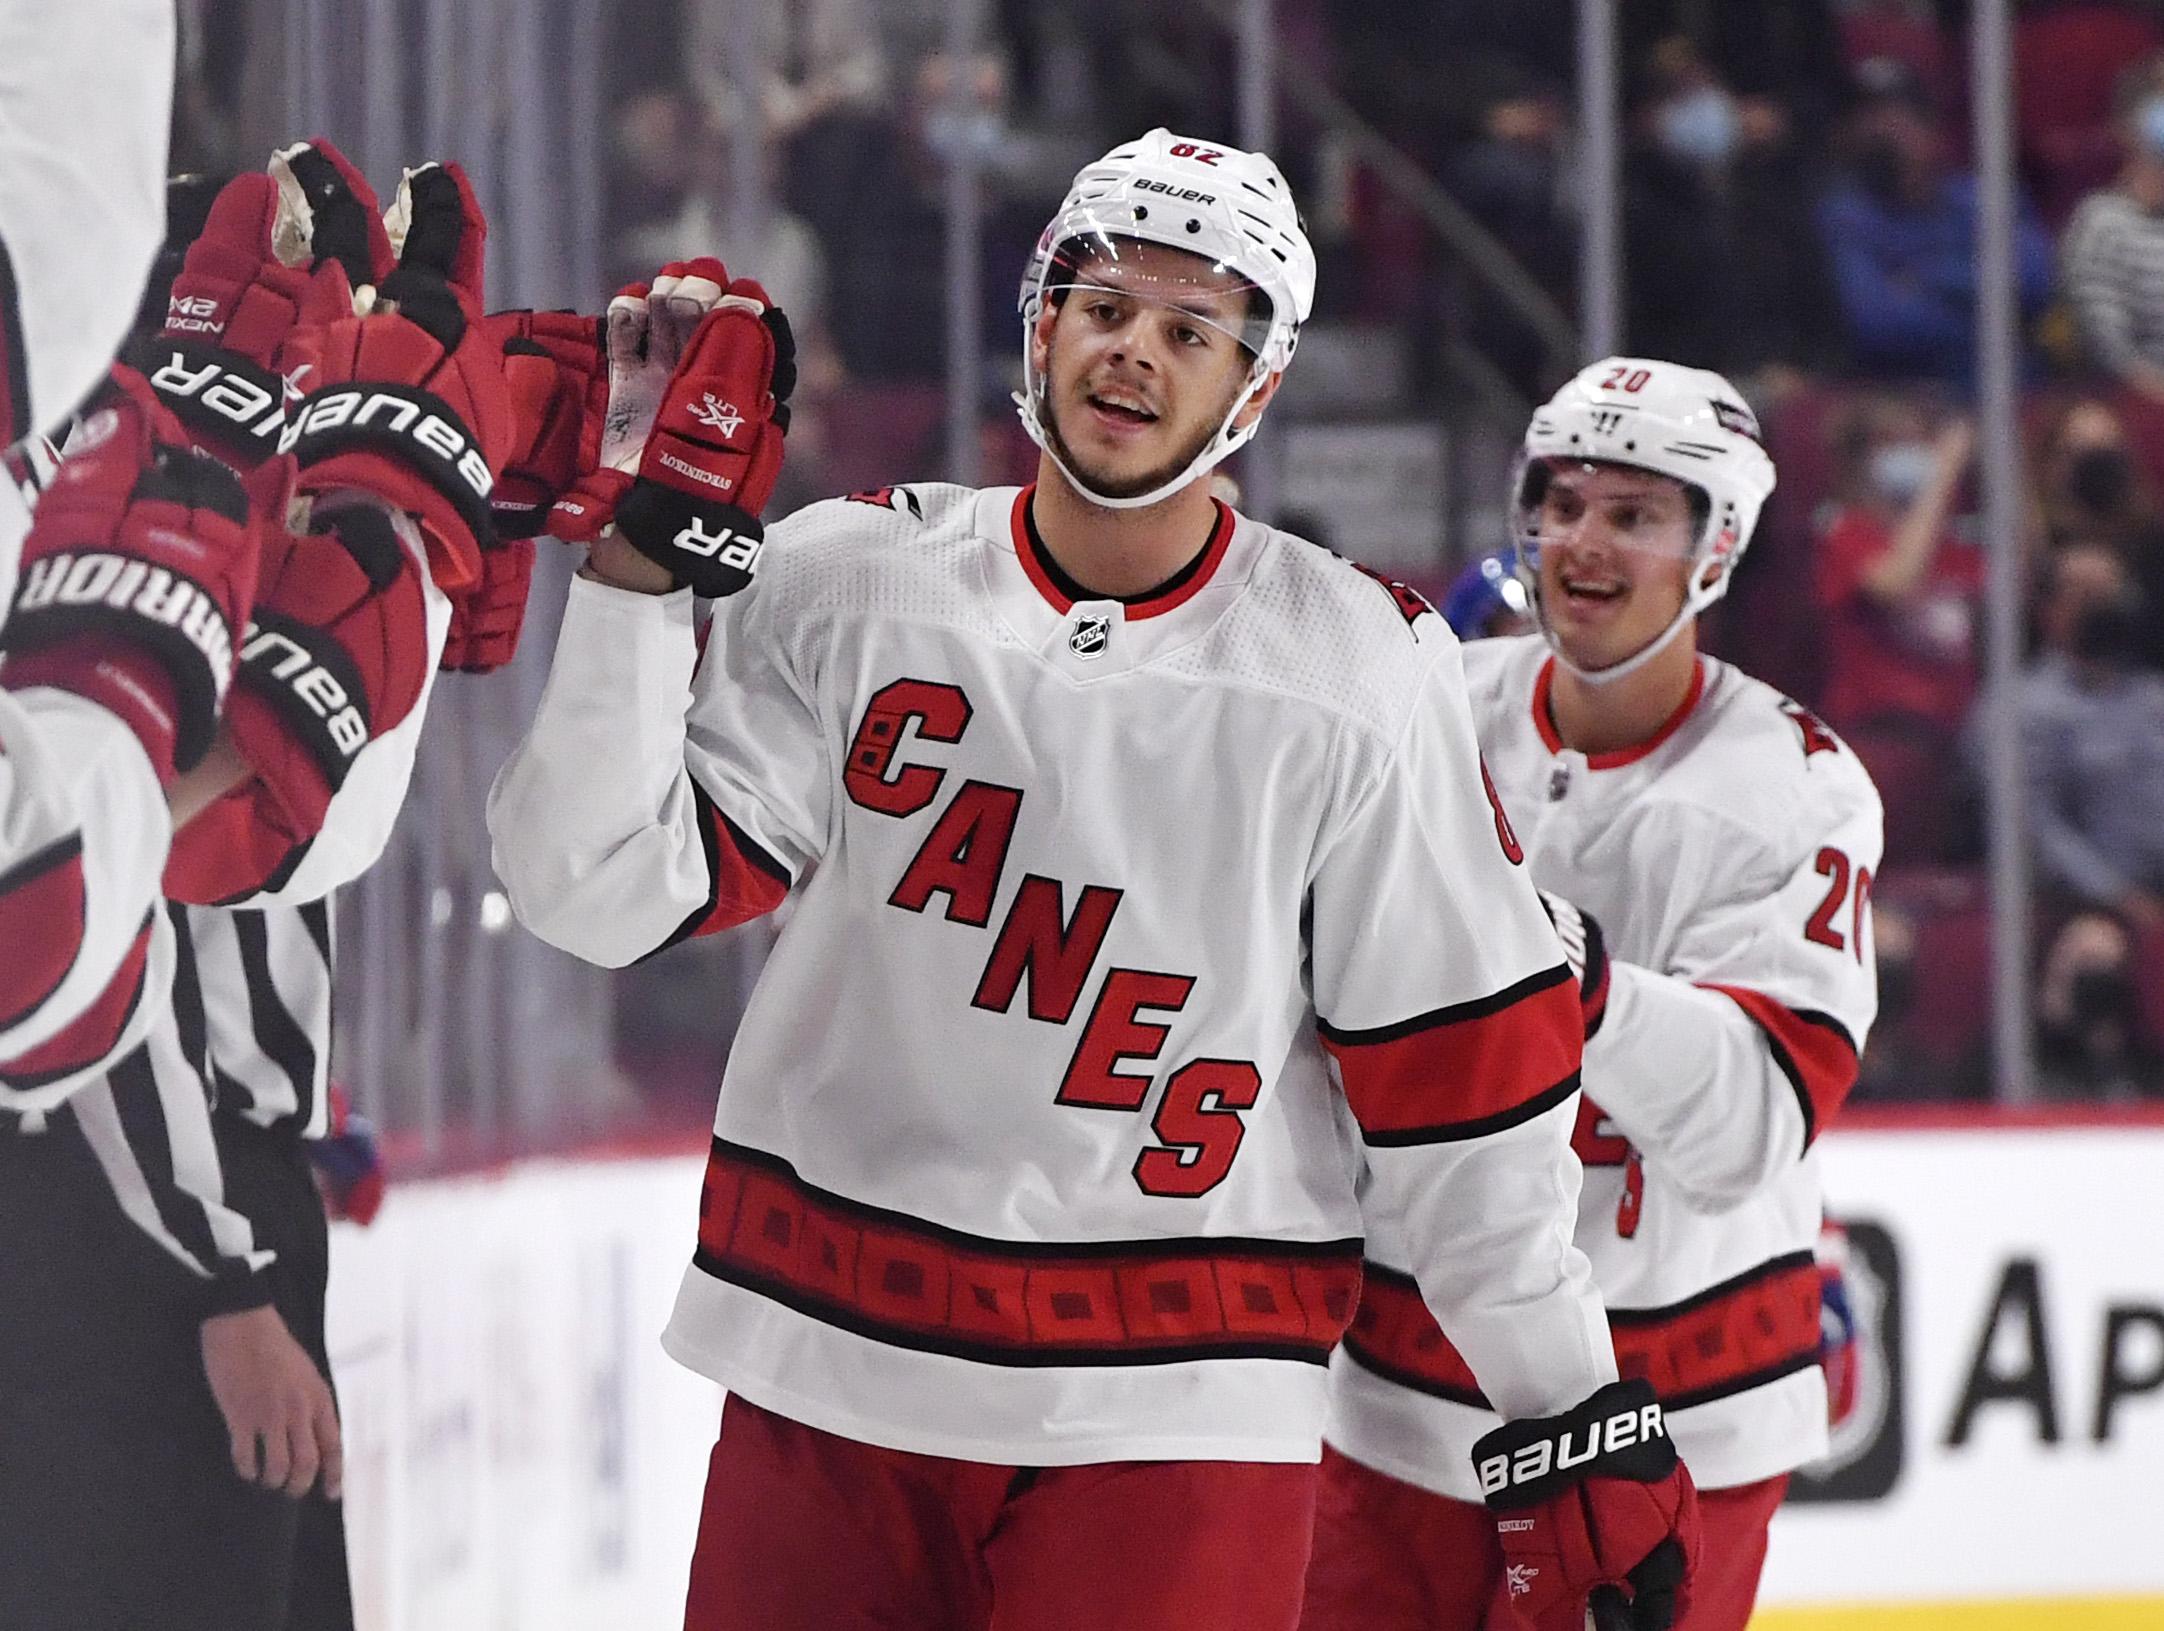 NHL: Carolina Hurricanes at Montreal Canadiens